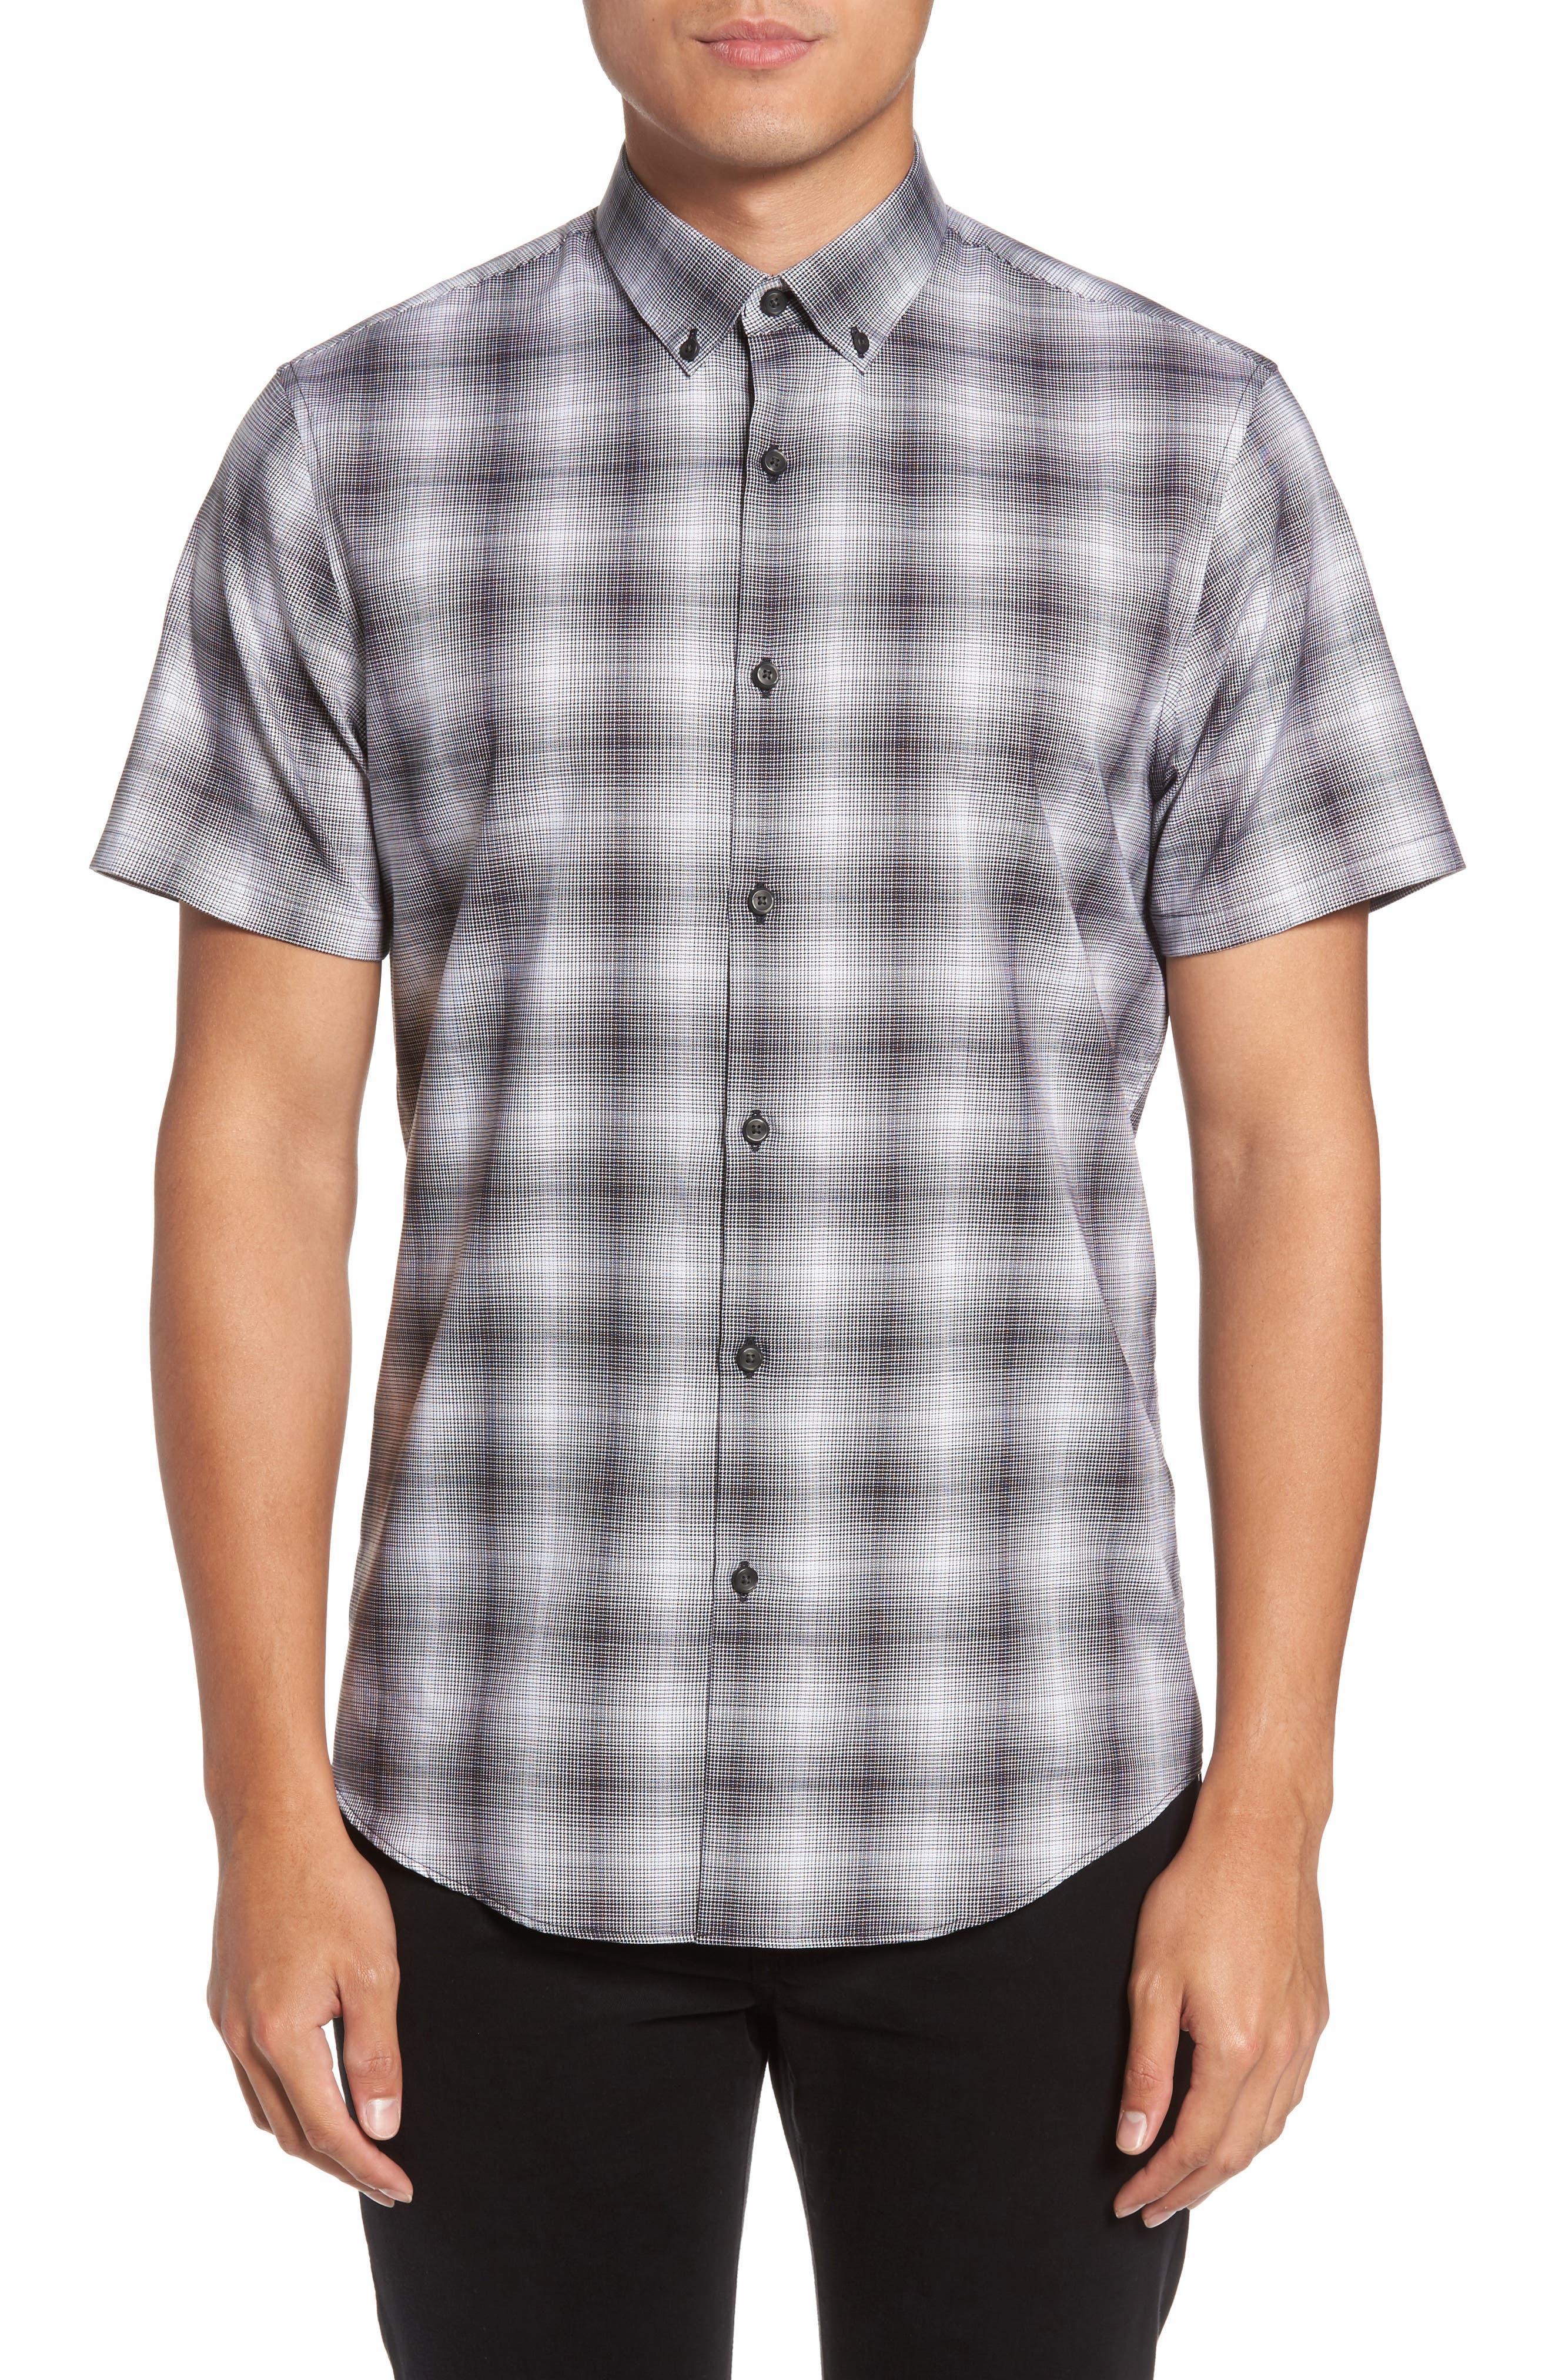 Calibrate Non-Iron Moiré Plaid Woven Shirt